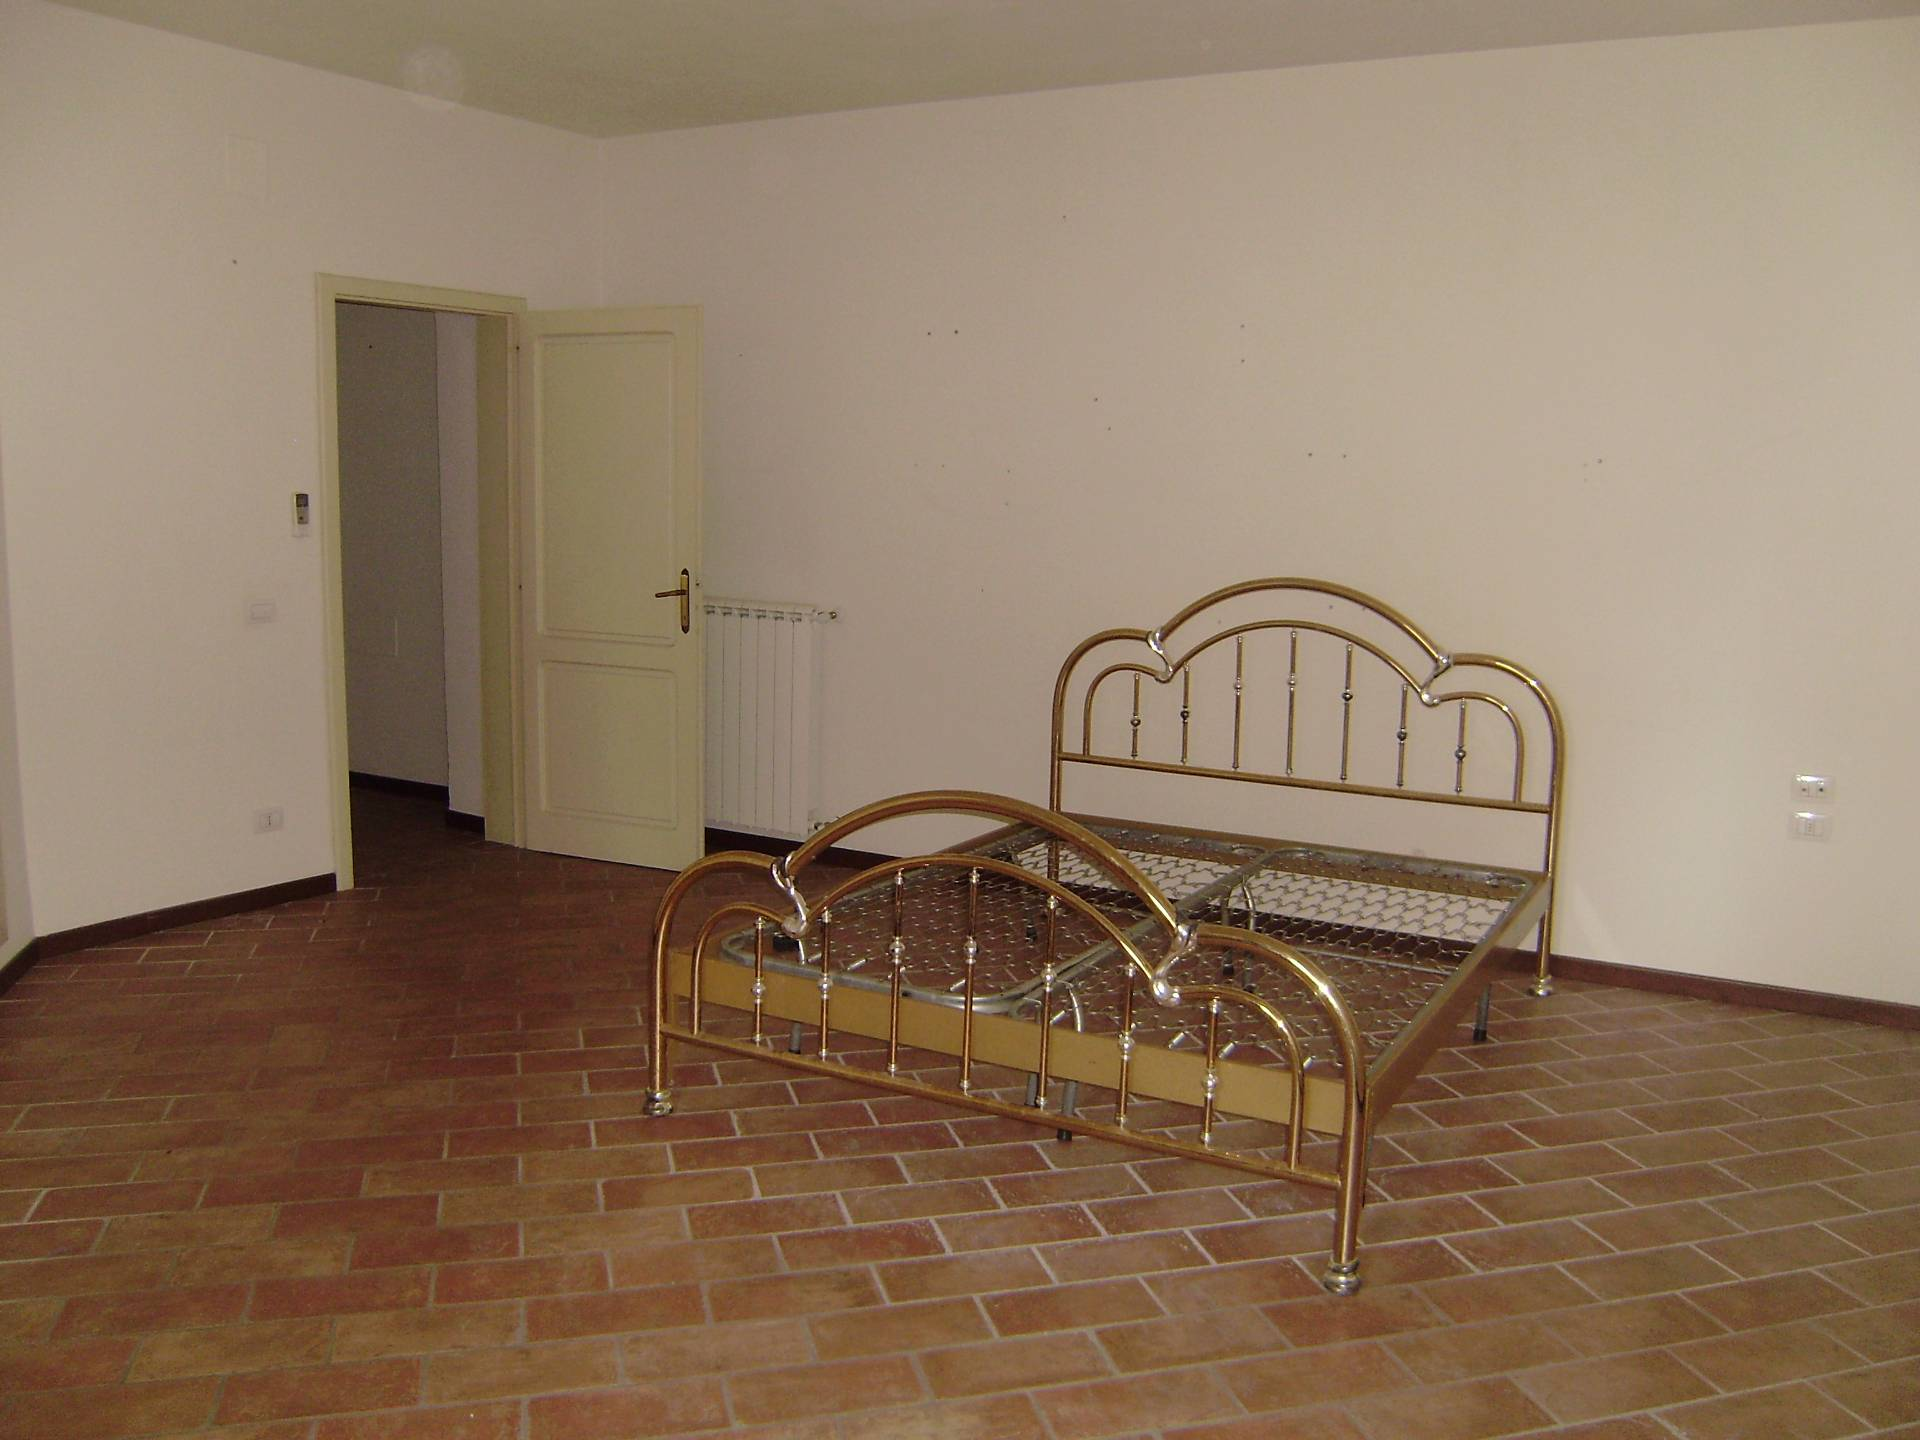 Appartamento in affitto a Santa Croce sull'Arno, 2 locali, prezzo € 650 | Cambio Casa.it